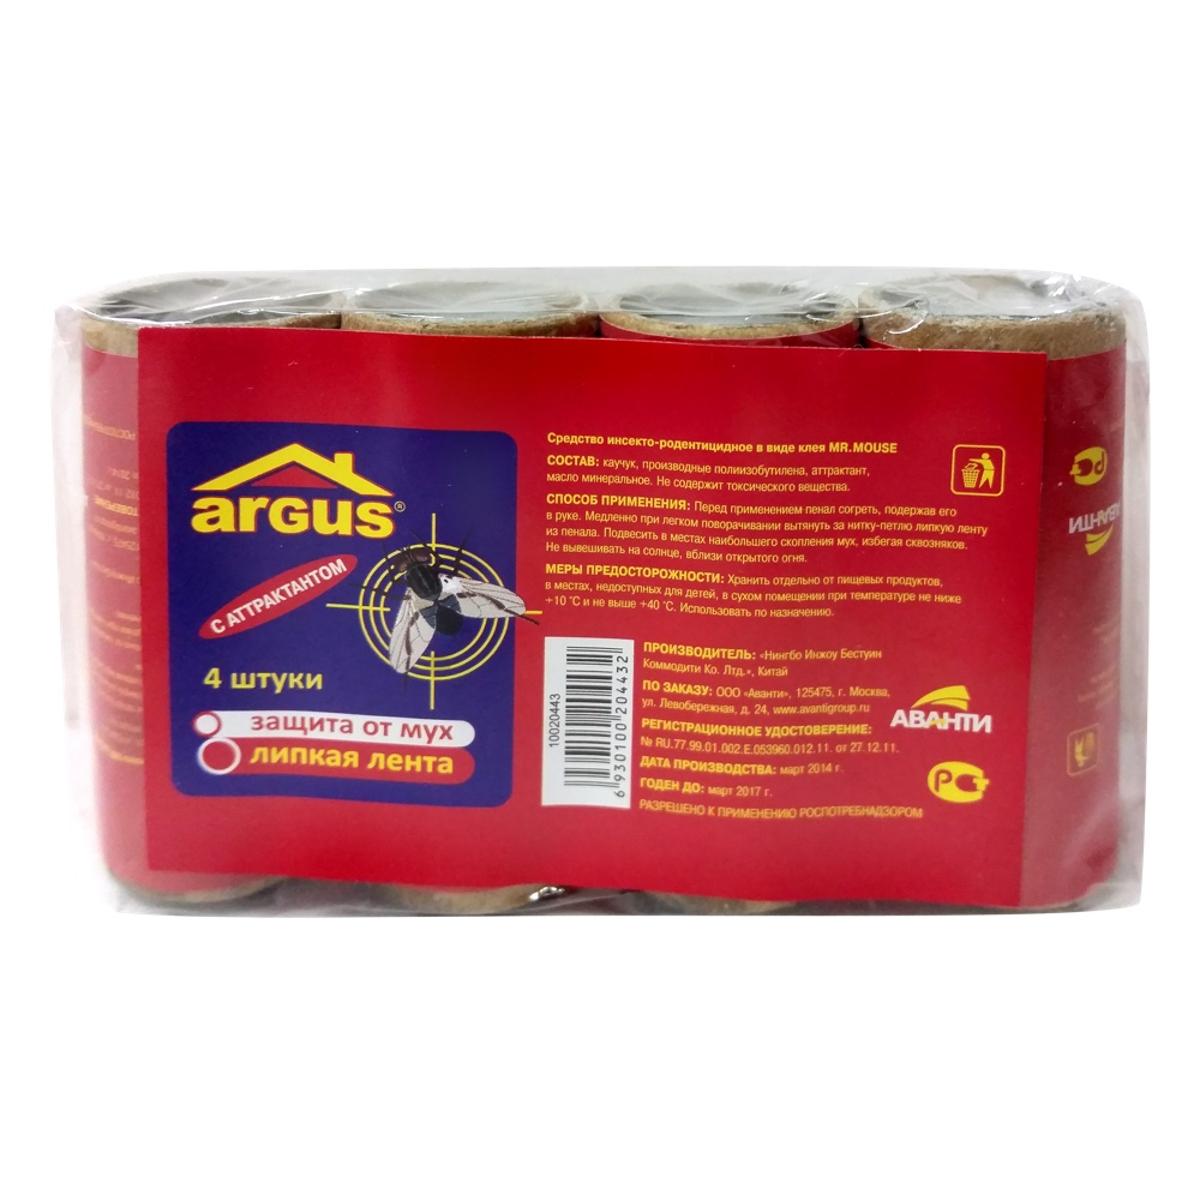 Липкая лента от мух Argus, в пленке, 4 штСЗ.020004Липкая лента Argus - это удобное и простое в использовании средство, которое надежно защитит вас и вашу семью от мух в закрытом помещении или значительно снизит их количество на открытом воздухе. Специальный аттрактант является привлекательной приманкой для мух, что делает липкие ленты Argus наиболее эффективными. Не содержит веществ, опасных для людей и домашних животных. Для помещения площадью 10 м2 требуется 2-3 липучки. Состав: каучук, производные полиизобутилена, аттрактант, масло минеральное.